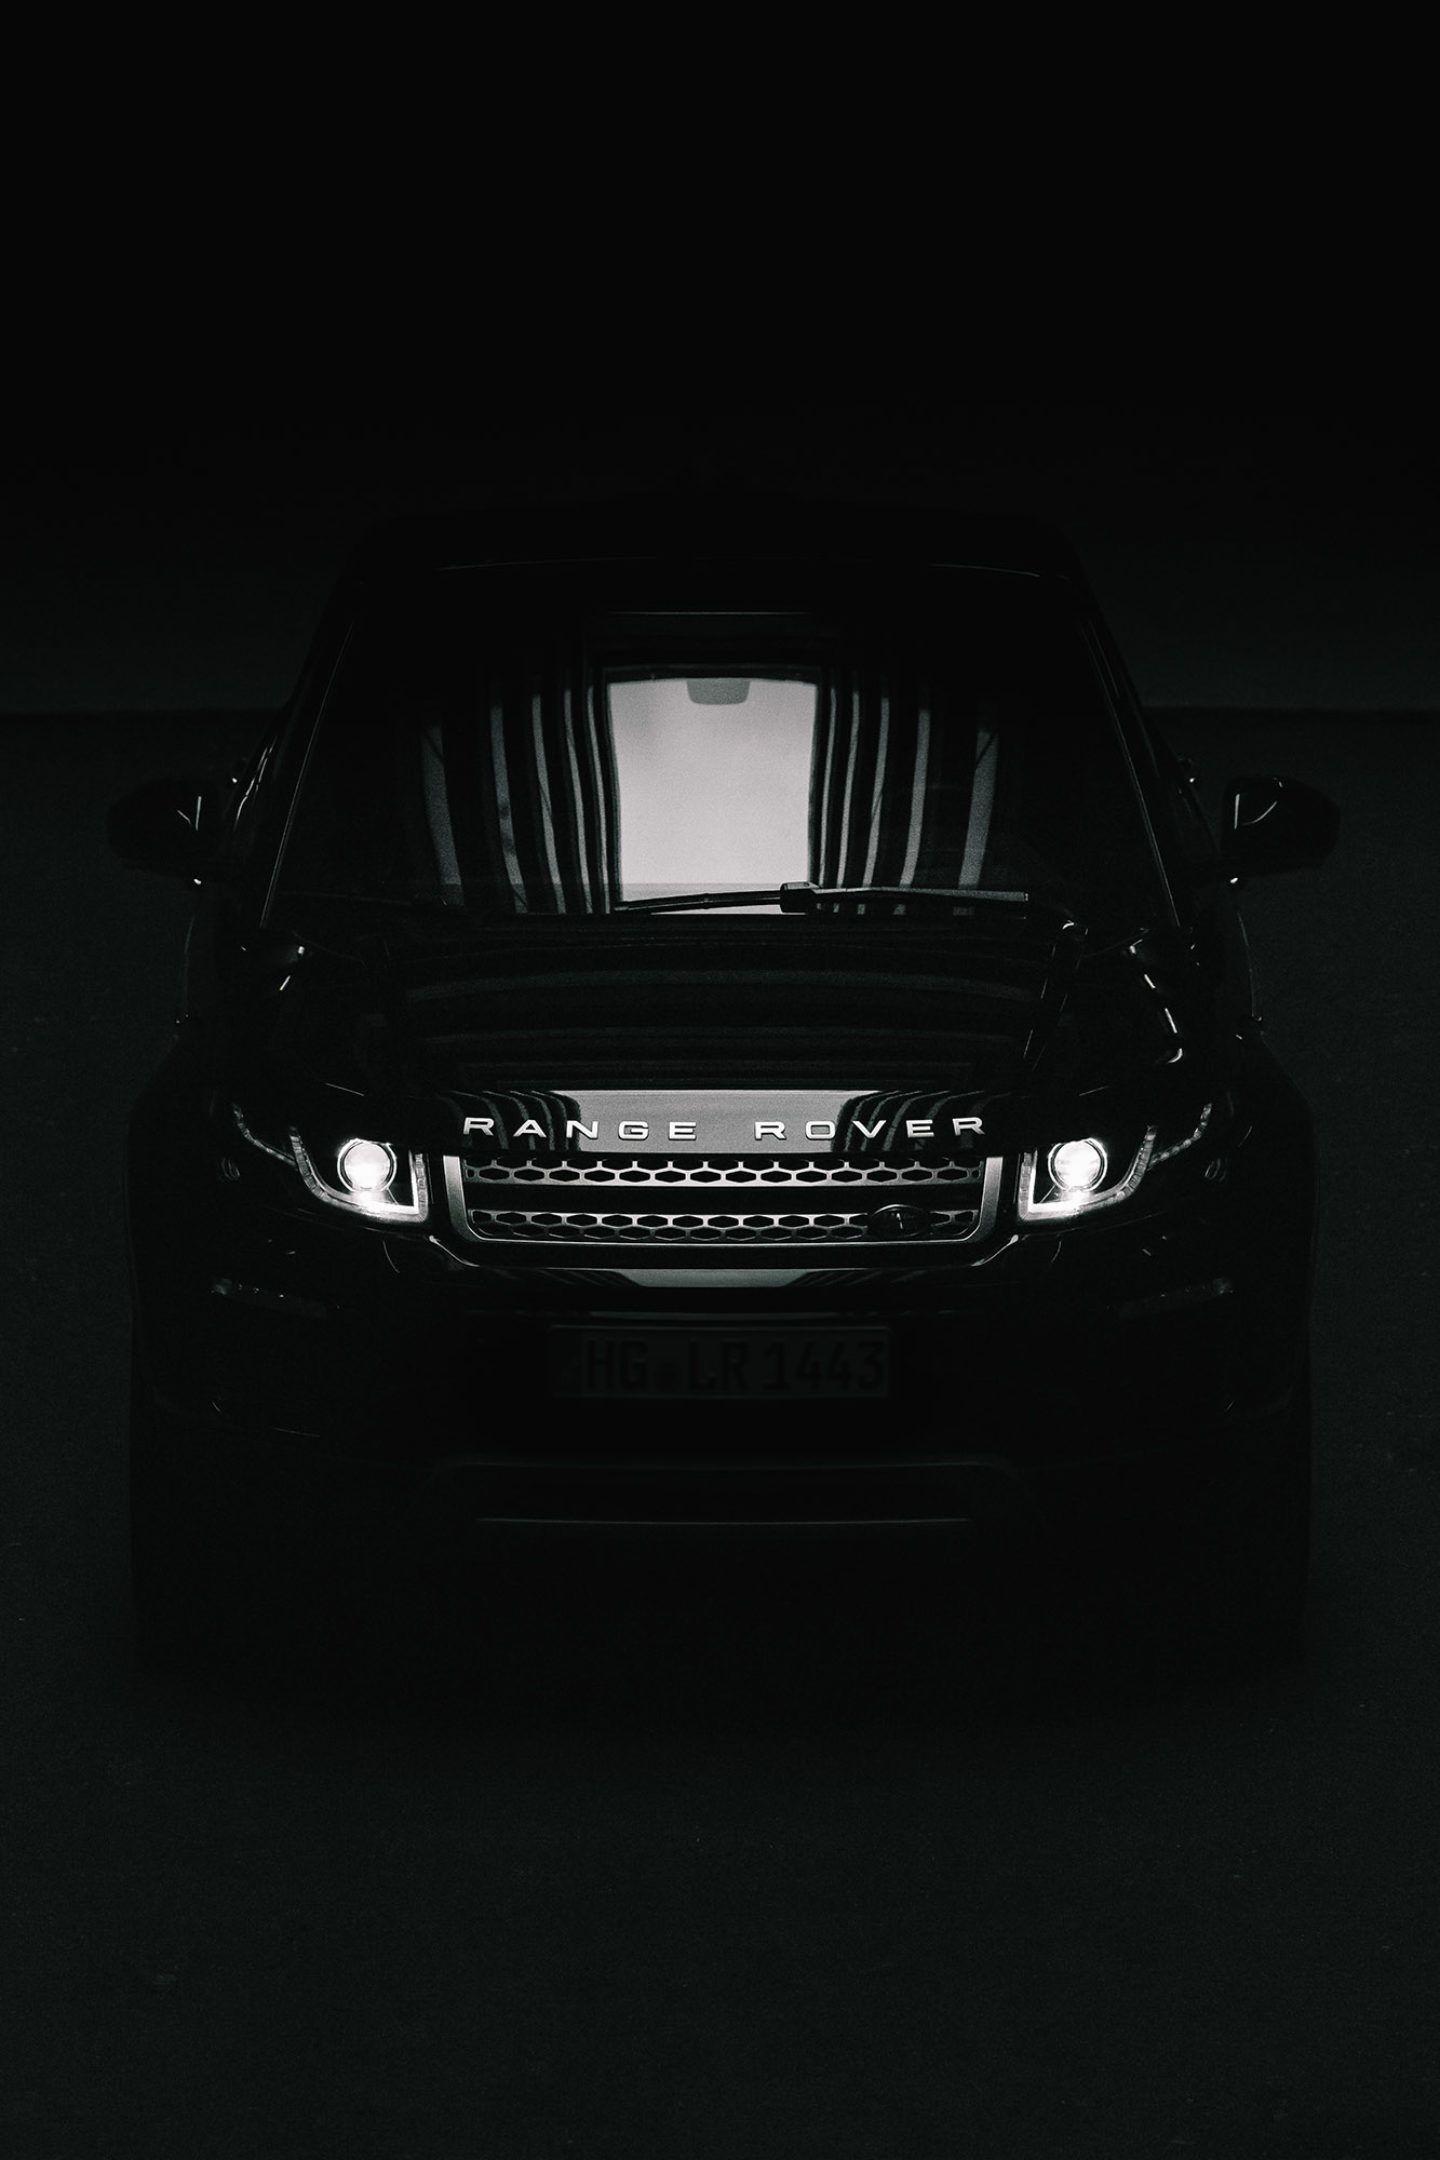 Range-Rover-Evoque-IGNANT-Alejandro-Arretureta-006